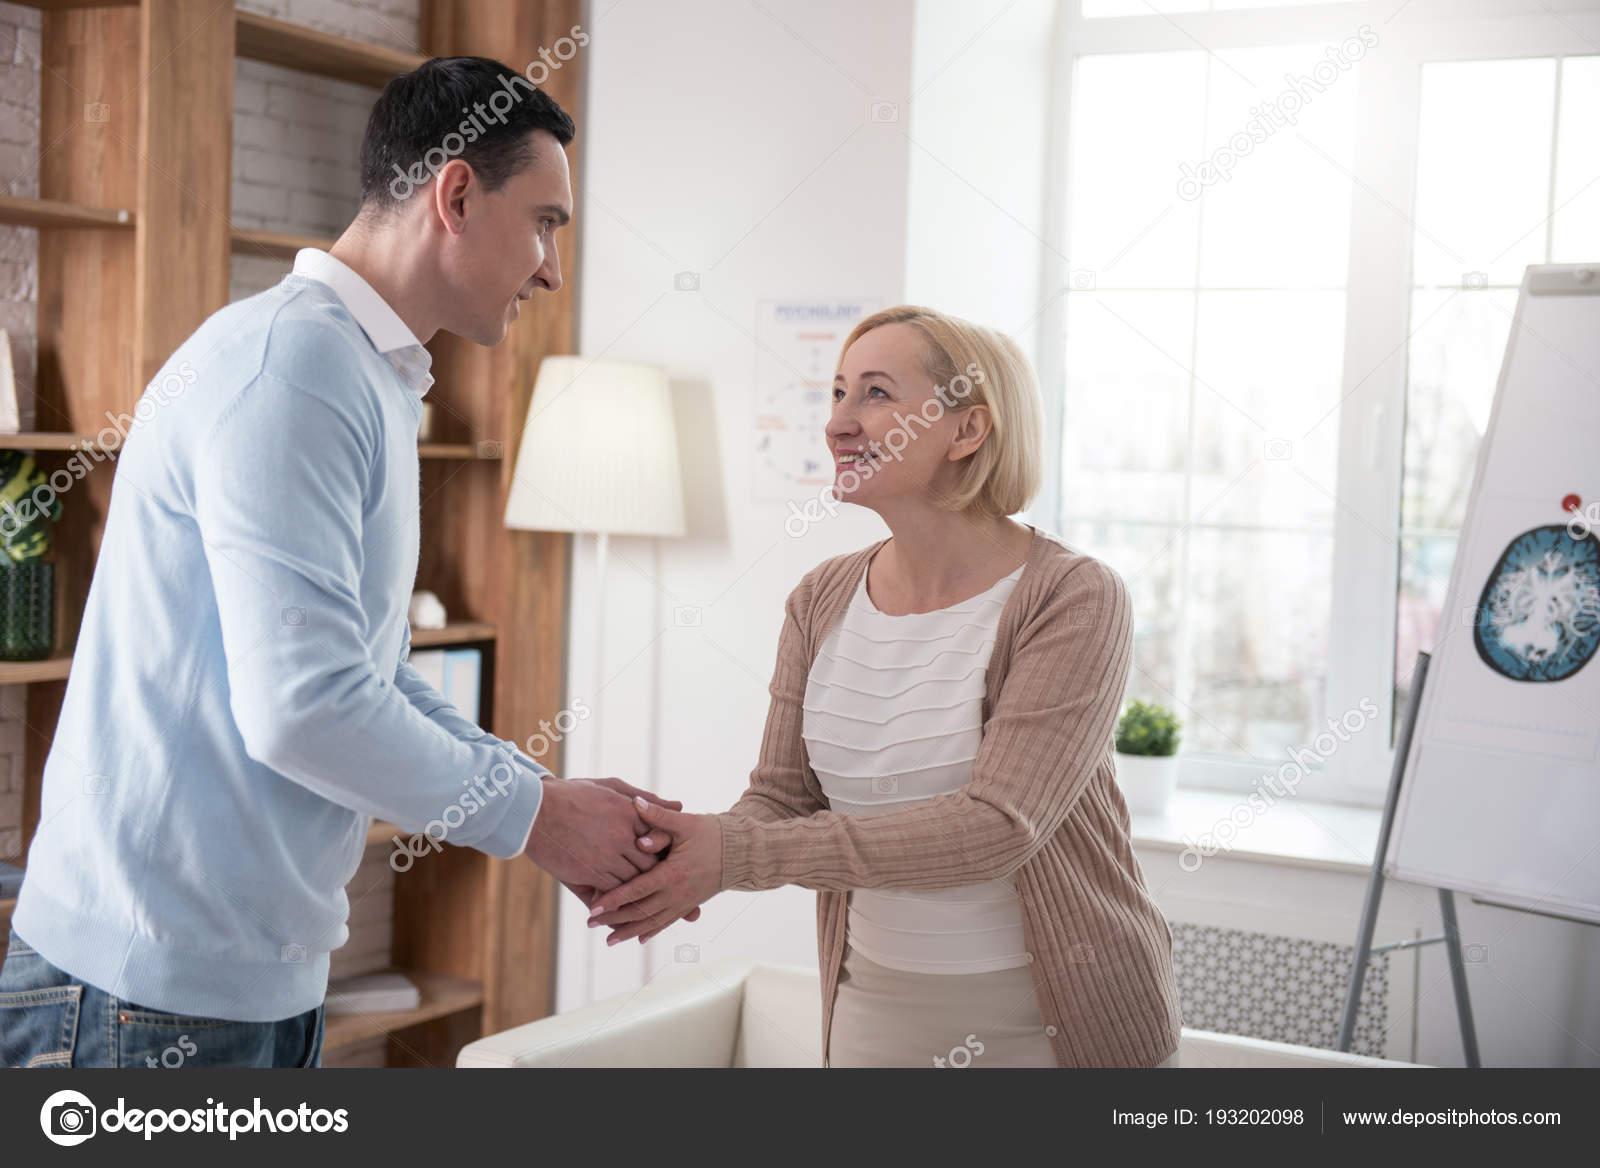 βοήθεια συμβουλών για γνωριμίες